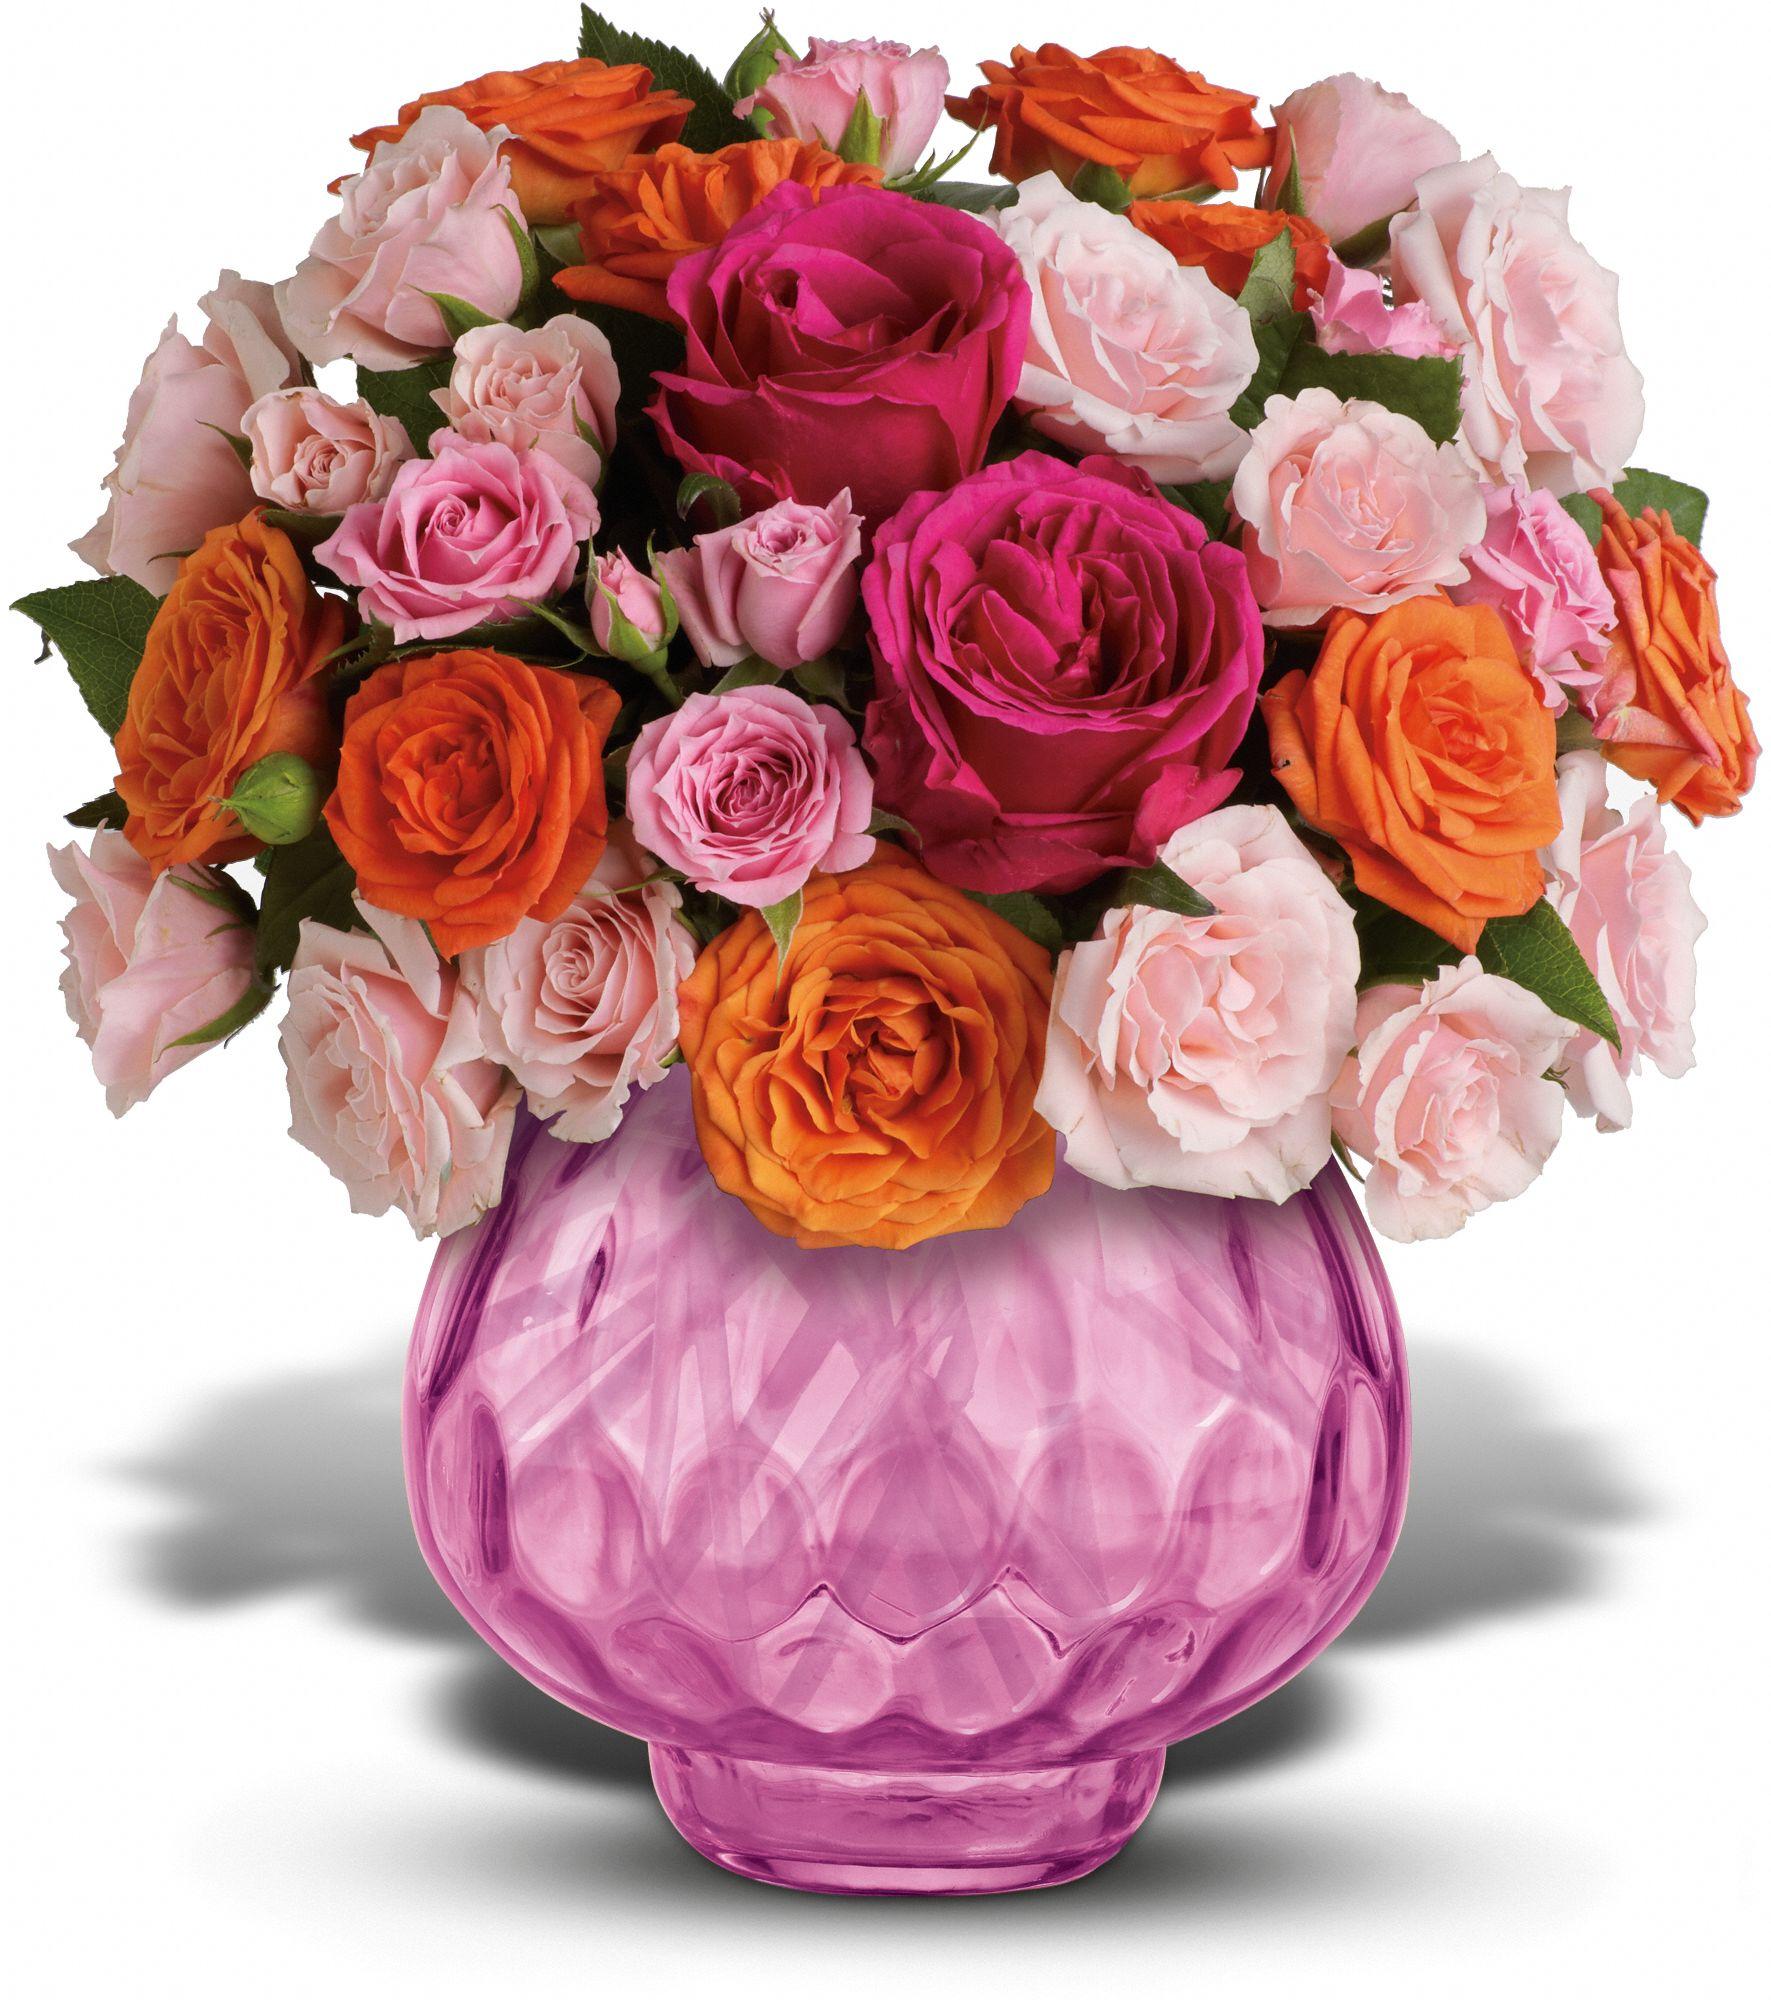 Hecho en casa miel de pétalos de rosas frescas - Autoridad orgánica